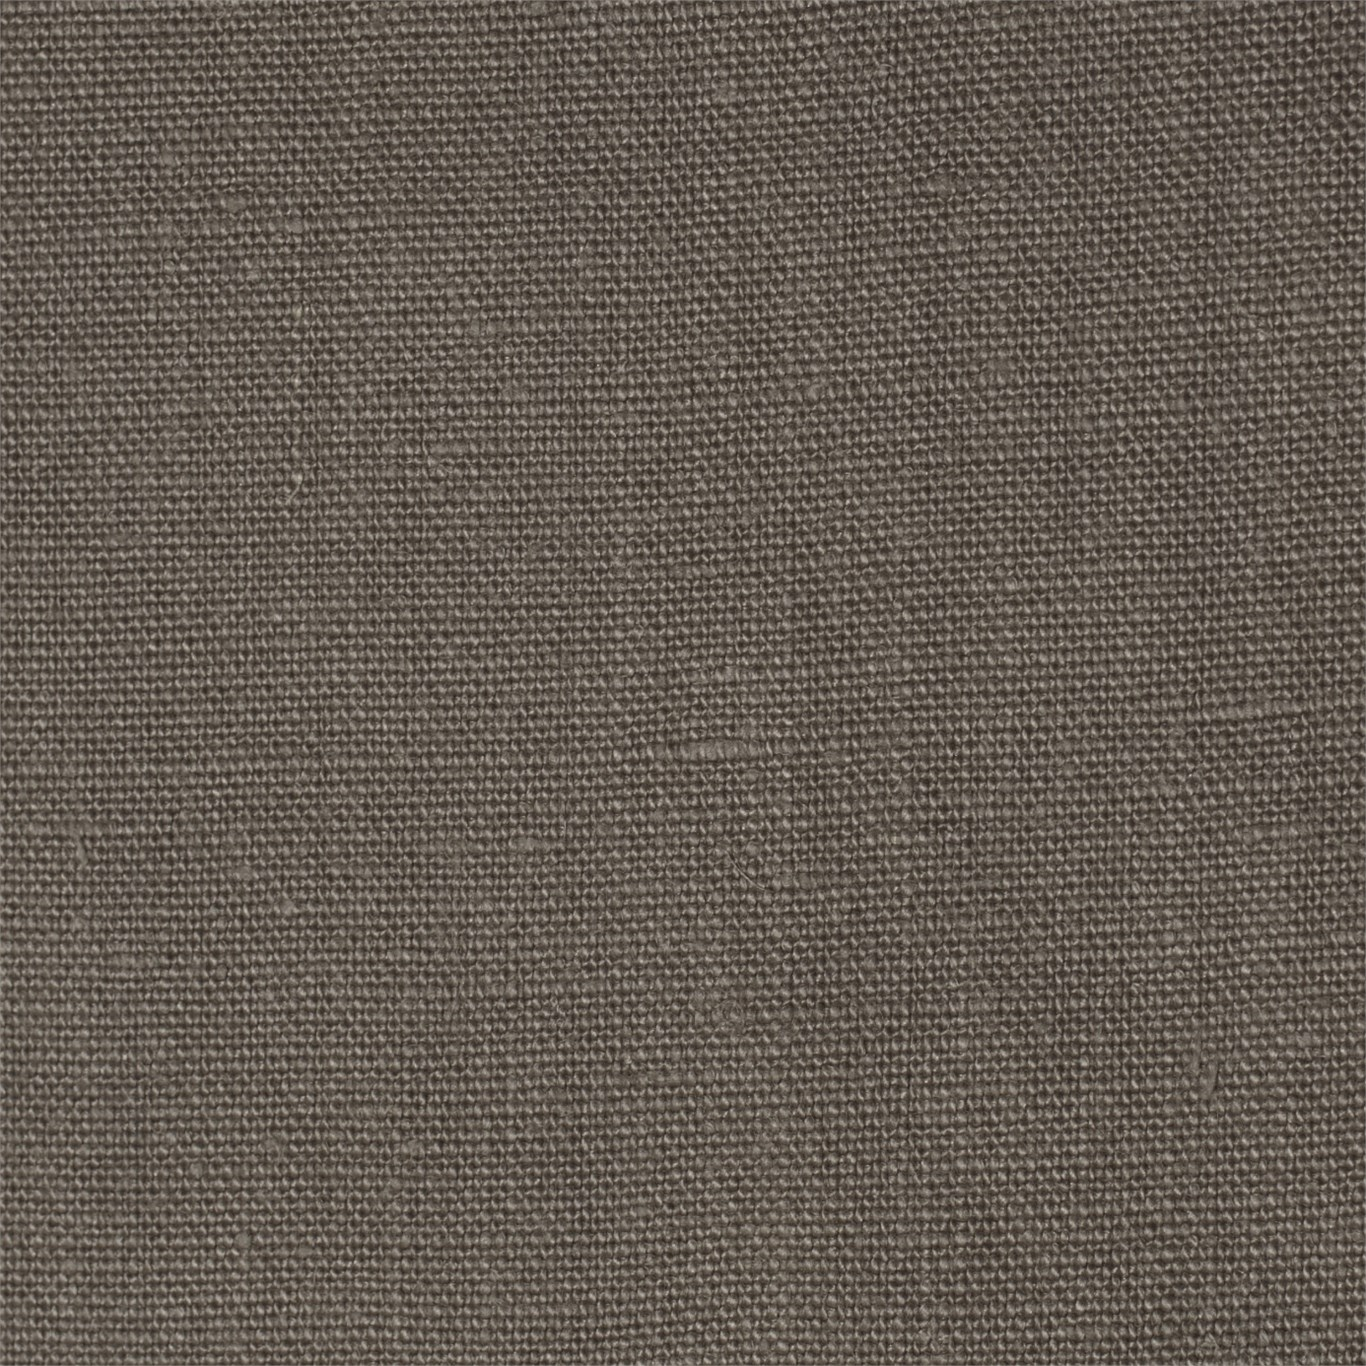 ruskin linen weaves rene